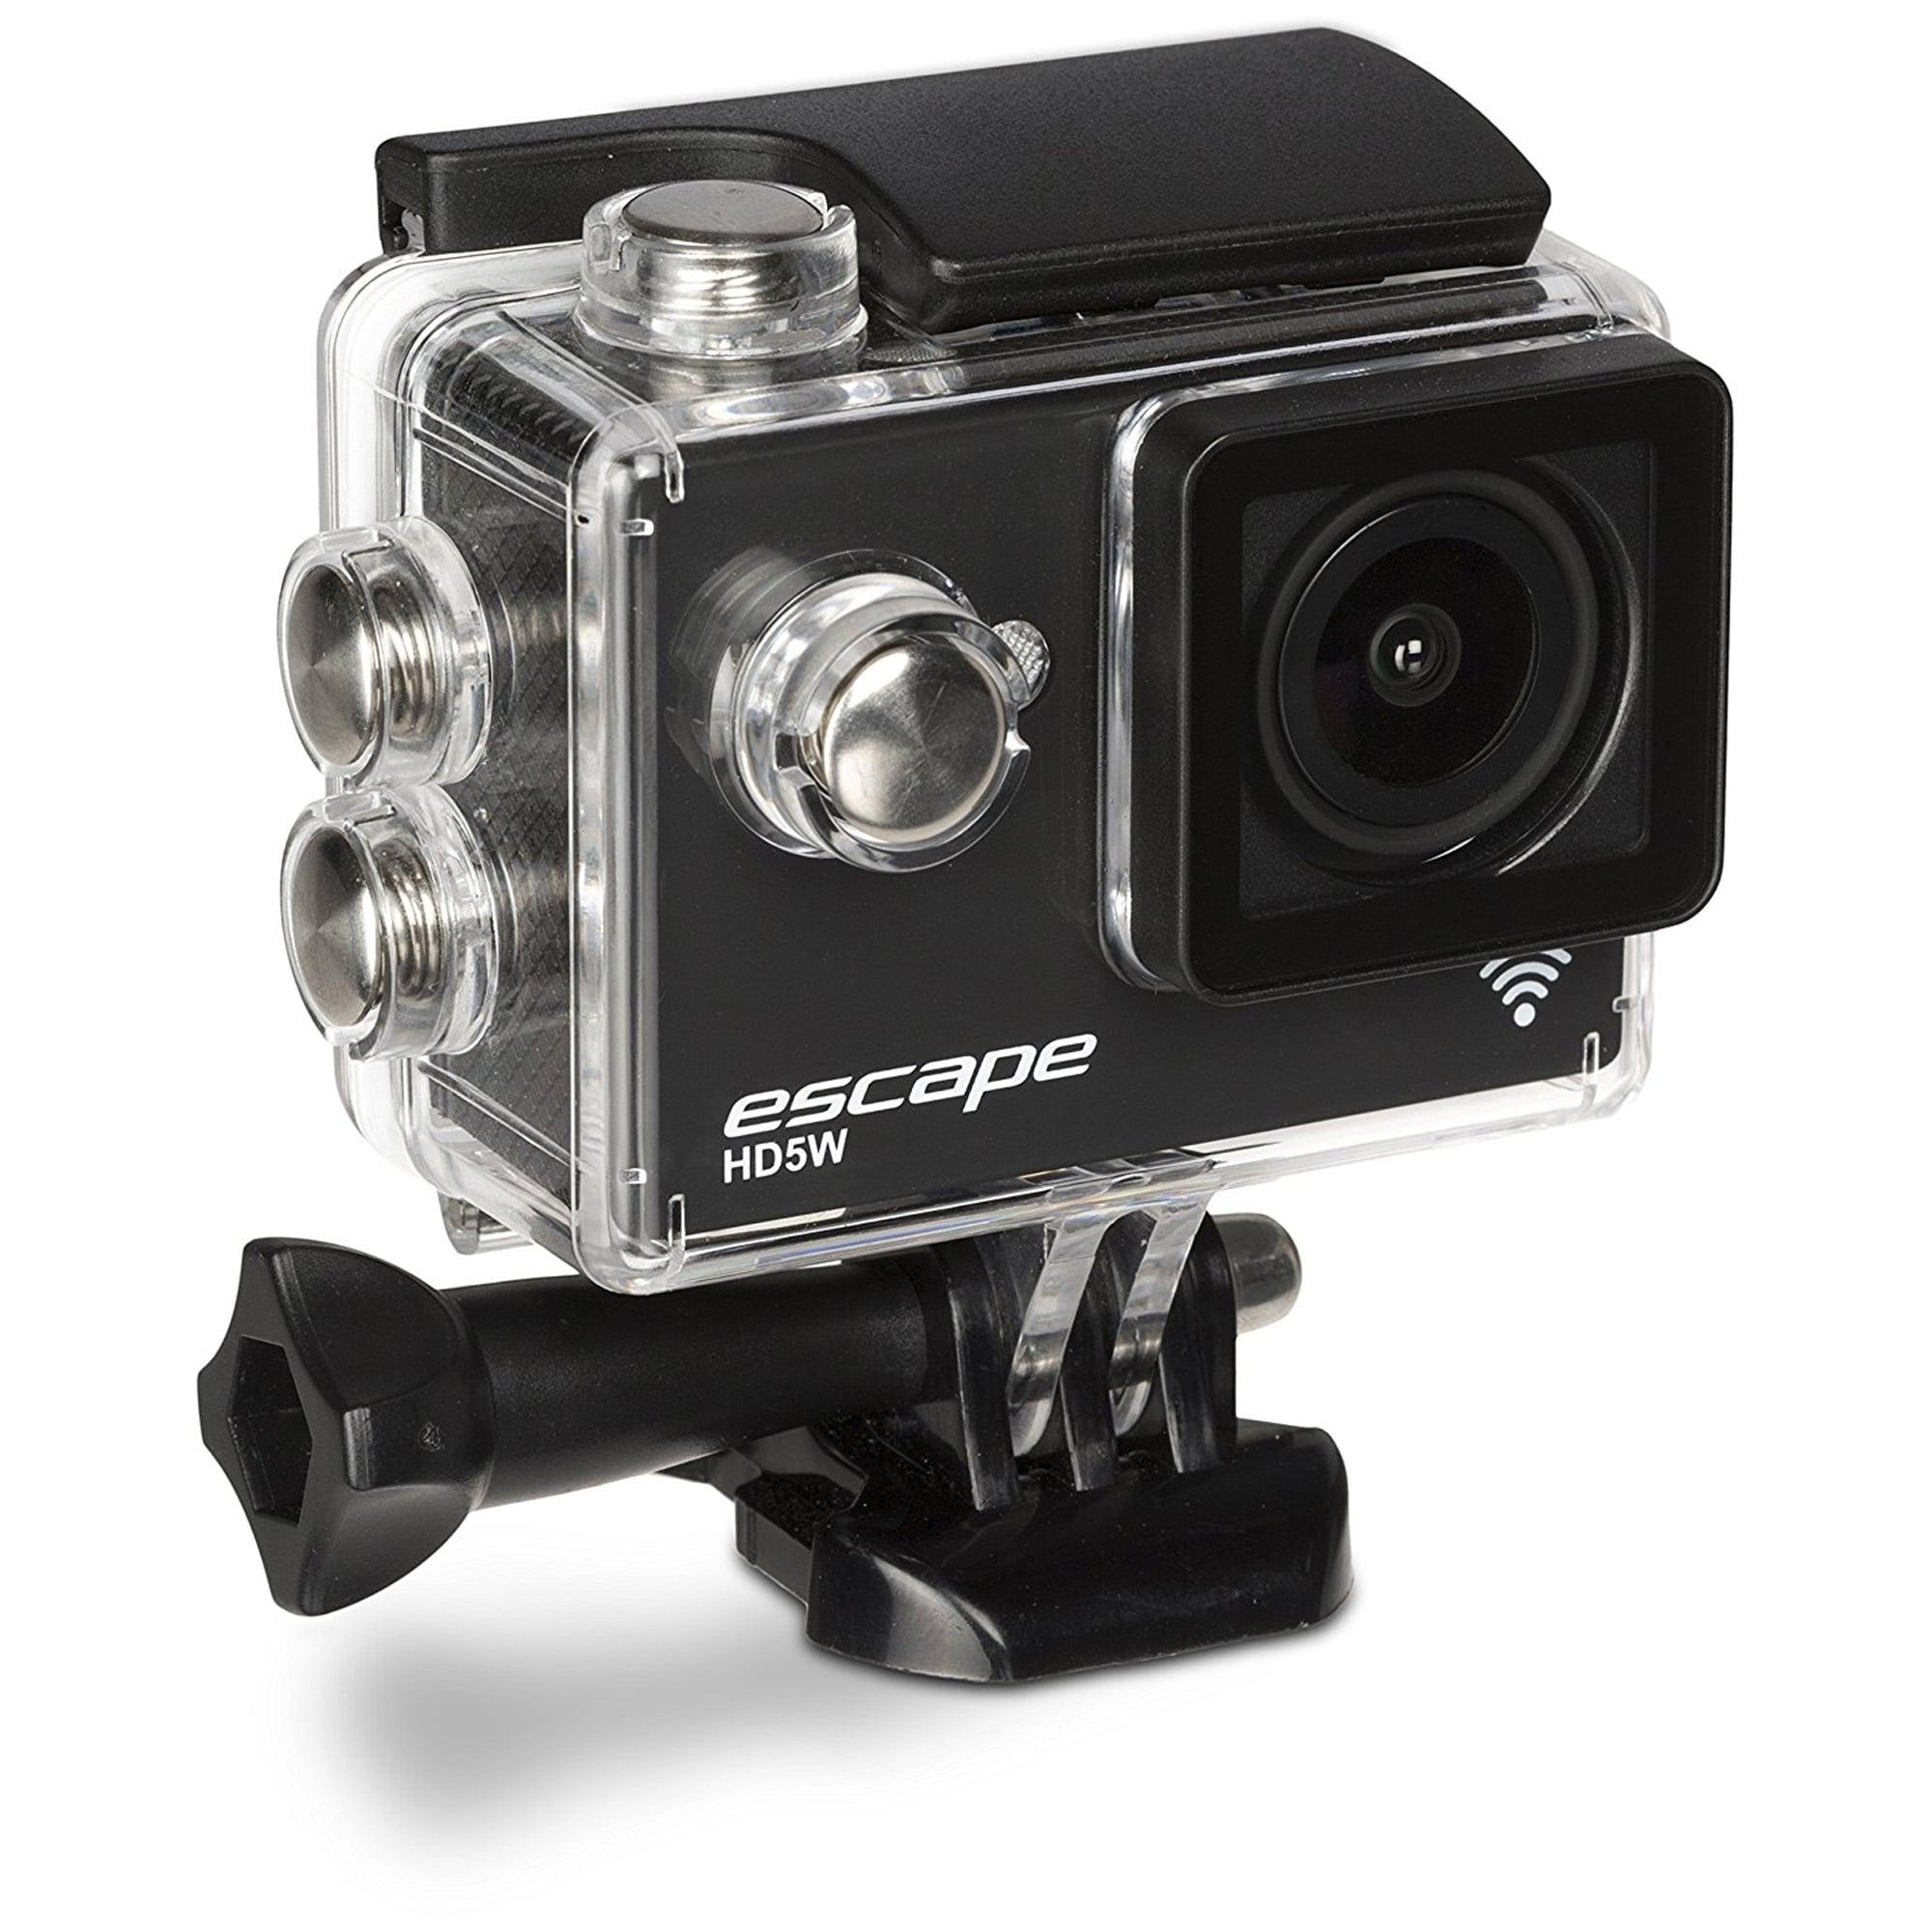 Image of Black Escape HD5W Camera